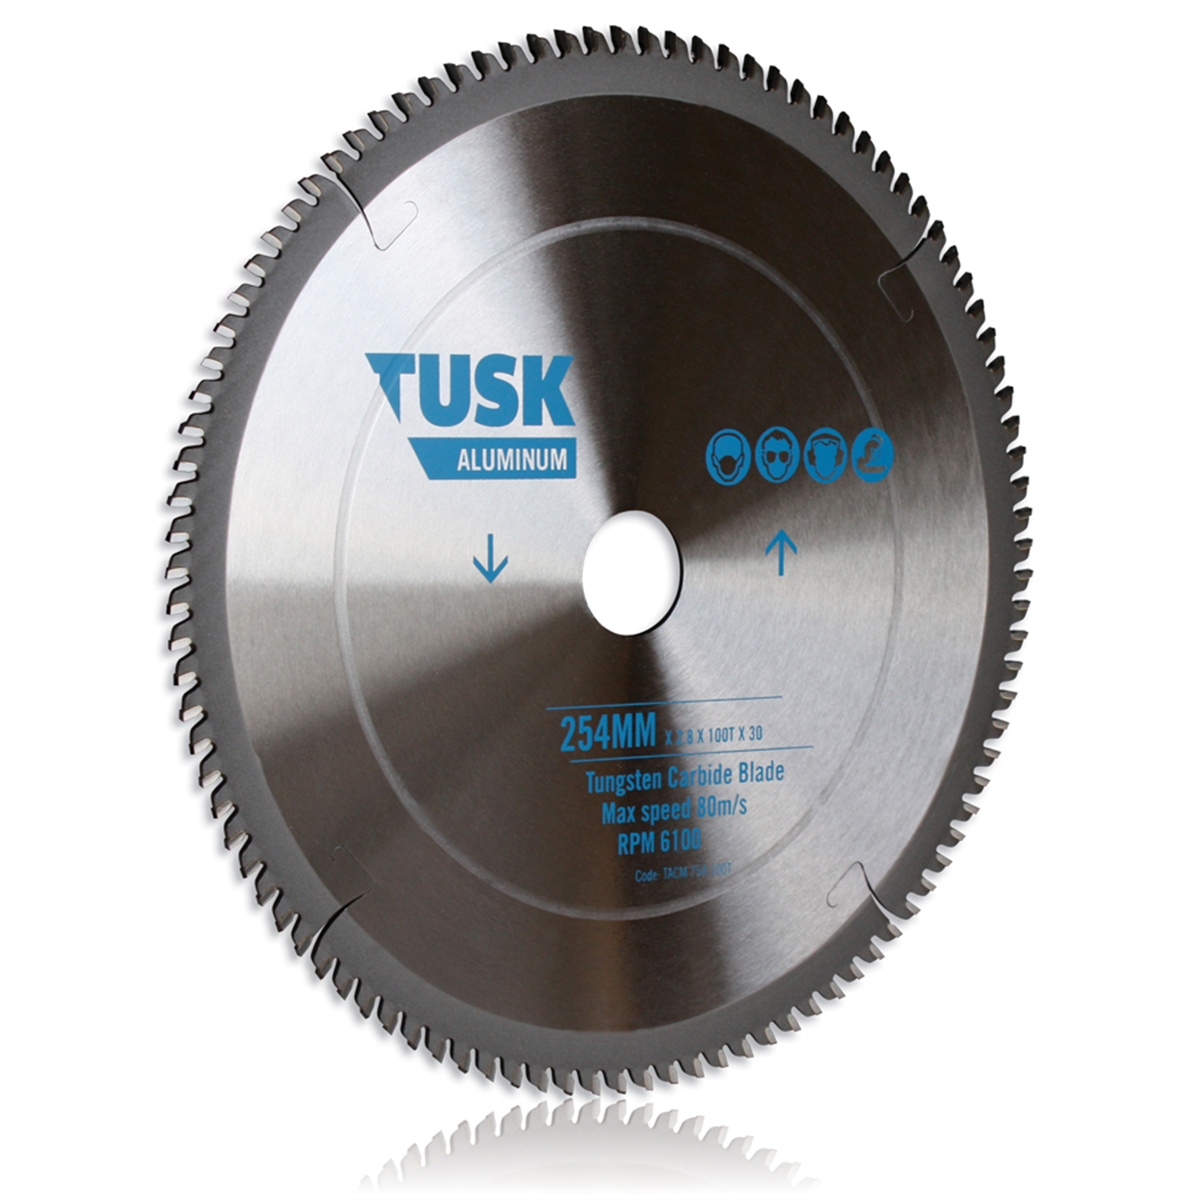 Tusk Aluminium Tungsten Carbide Tacm Blade